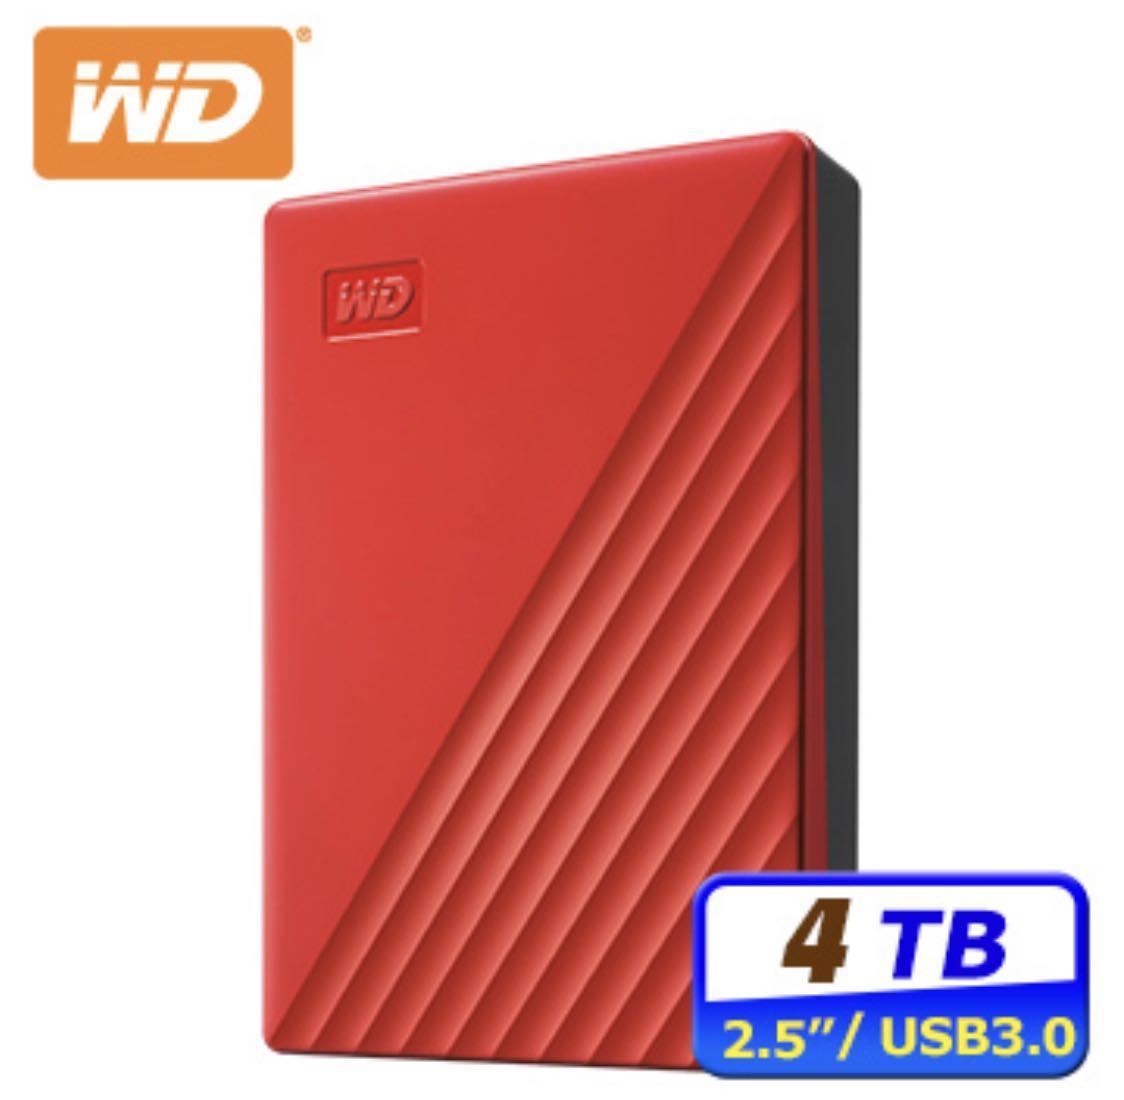 全新品WD My Passport 4TB 2.5吋行動硬碟-紅